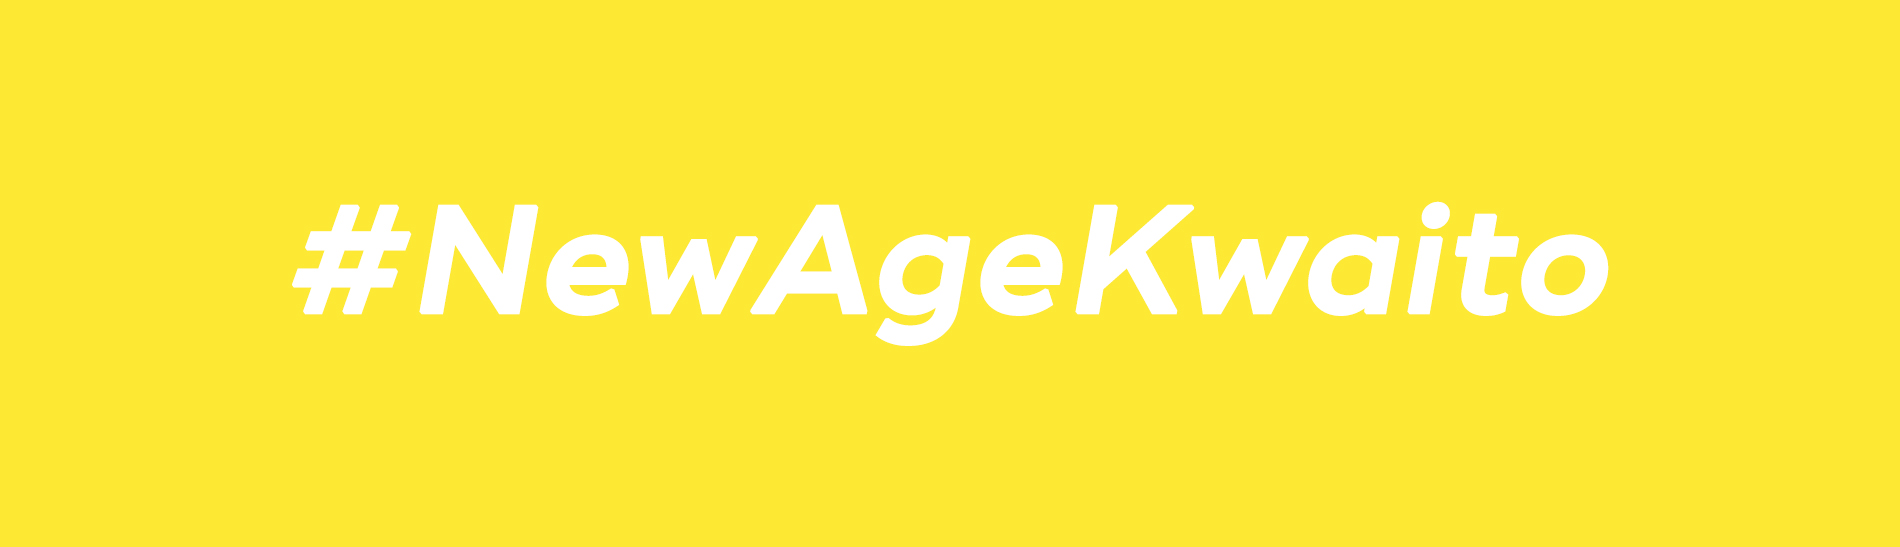 #NewAgeKwaito